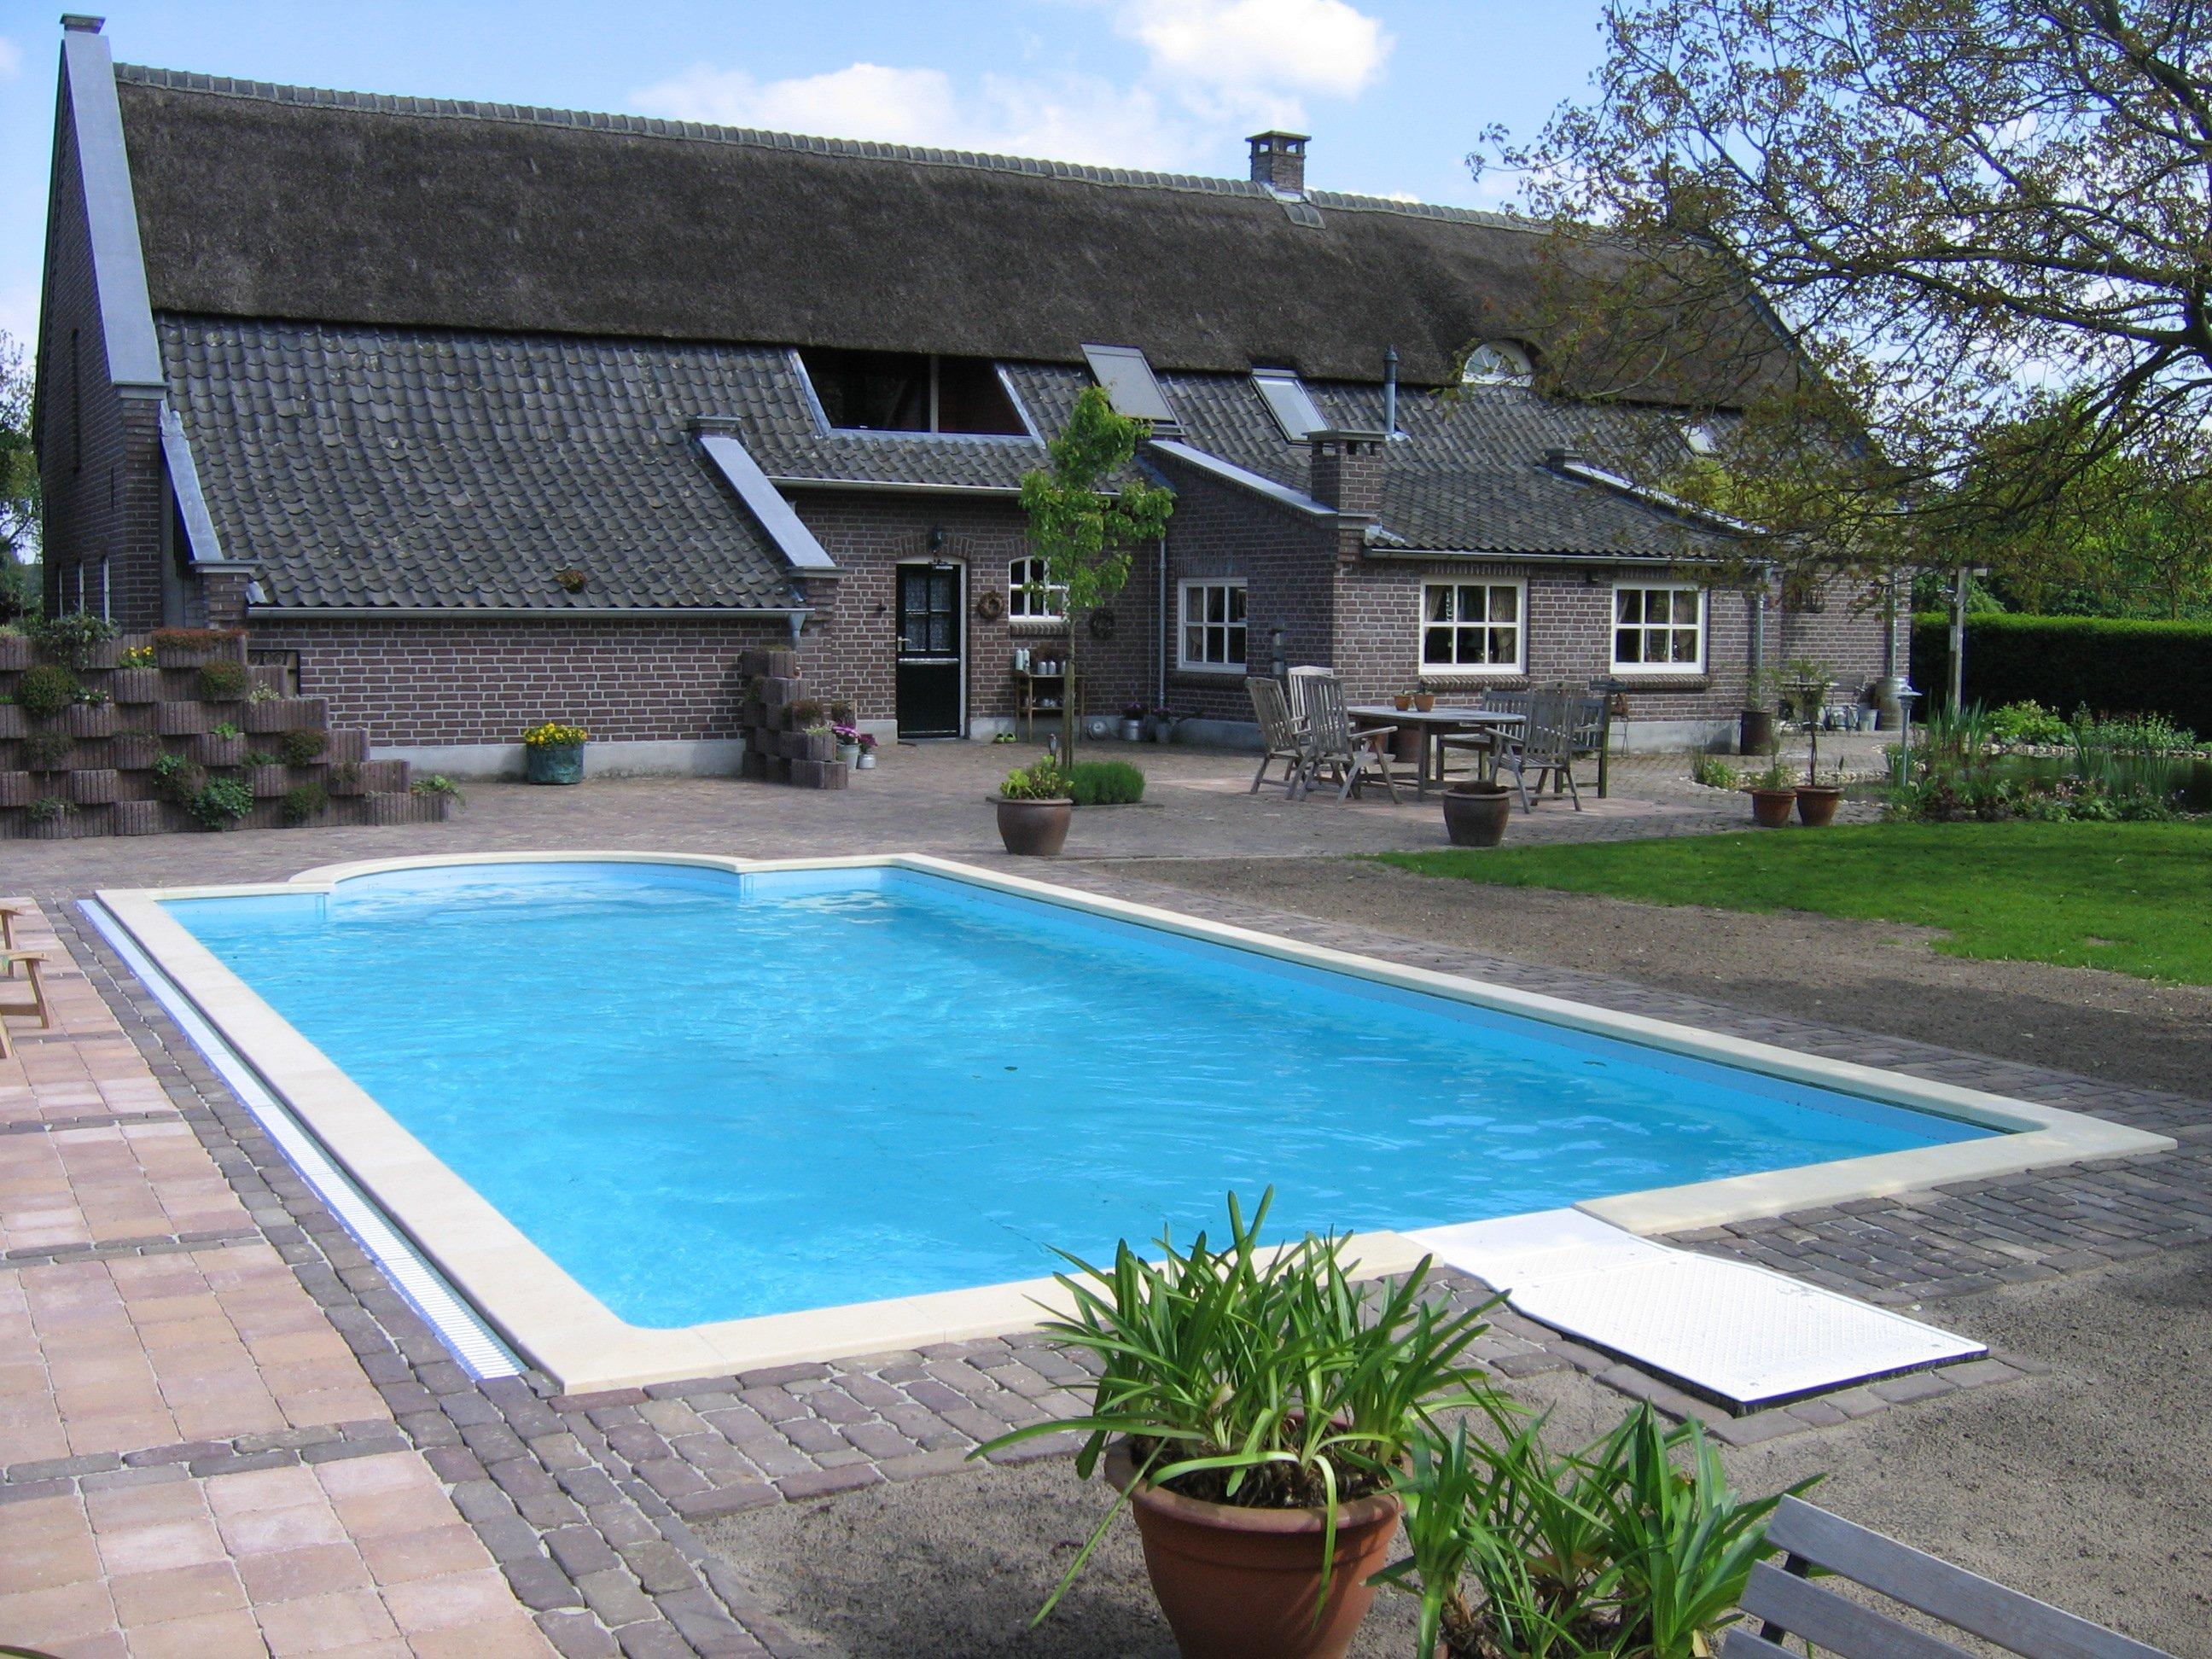 Aanleg zwembad prijs cool aanleg zwembad in je tuin with for Zwembad plaatsen in tuin